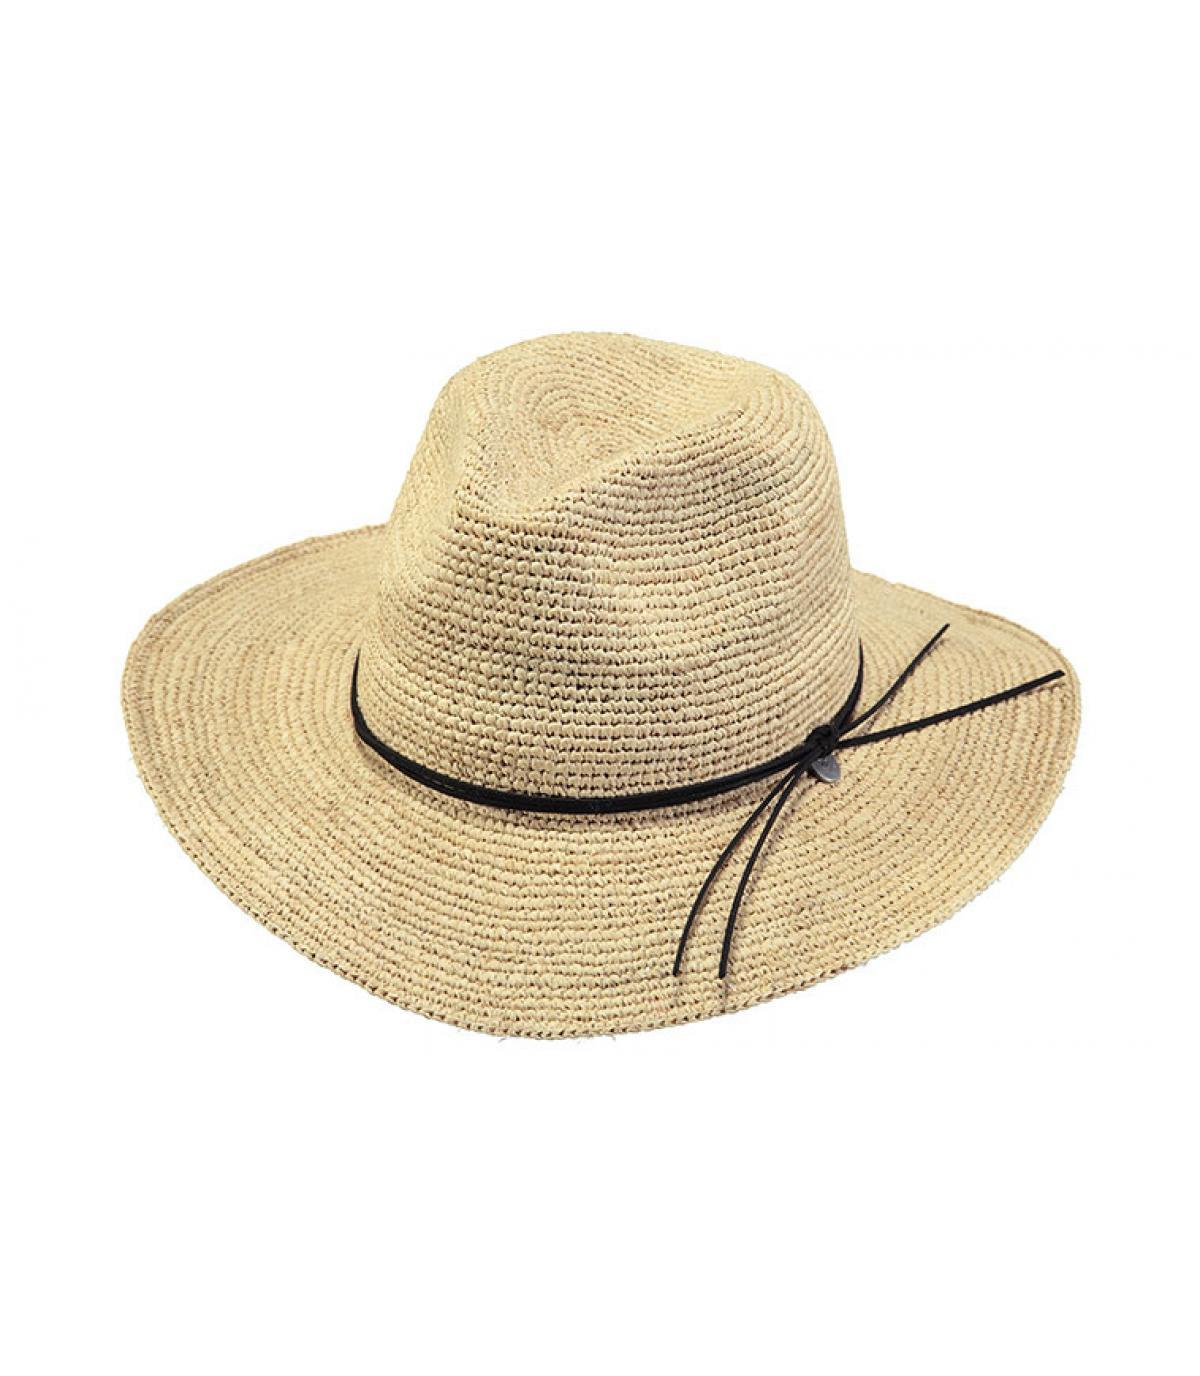 Détails Celery Hat natural - image 2